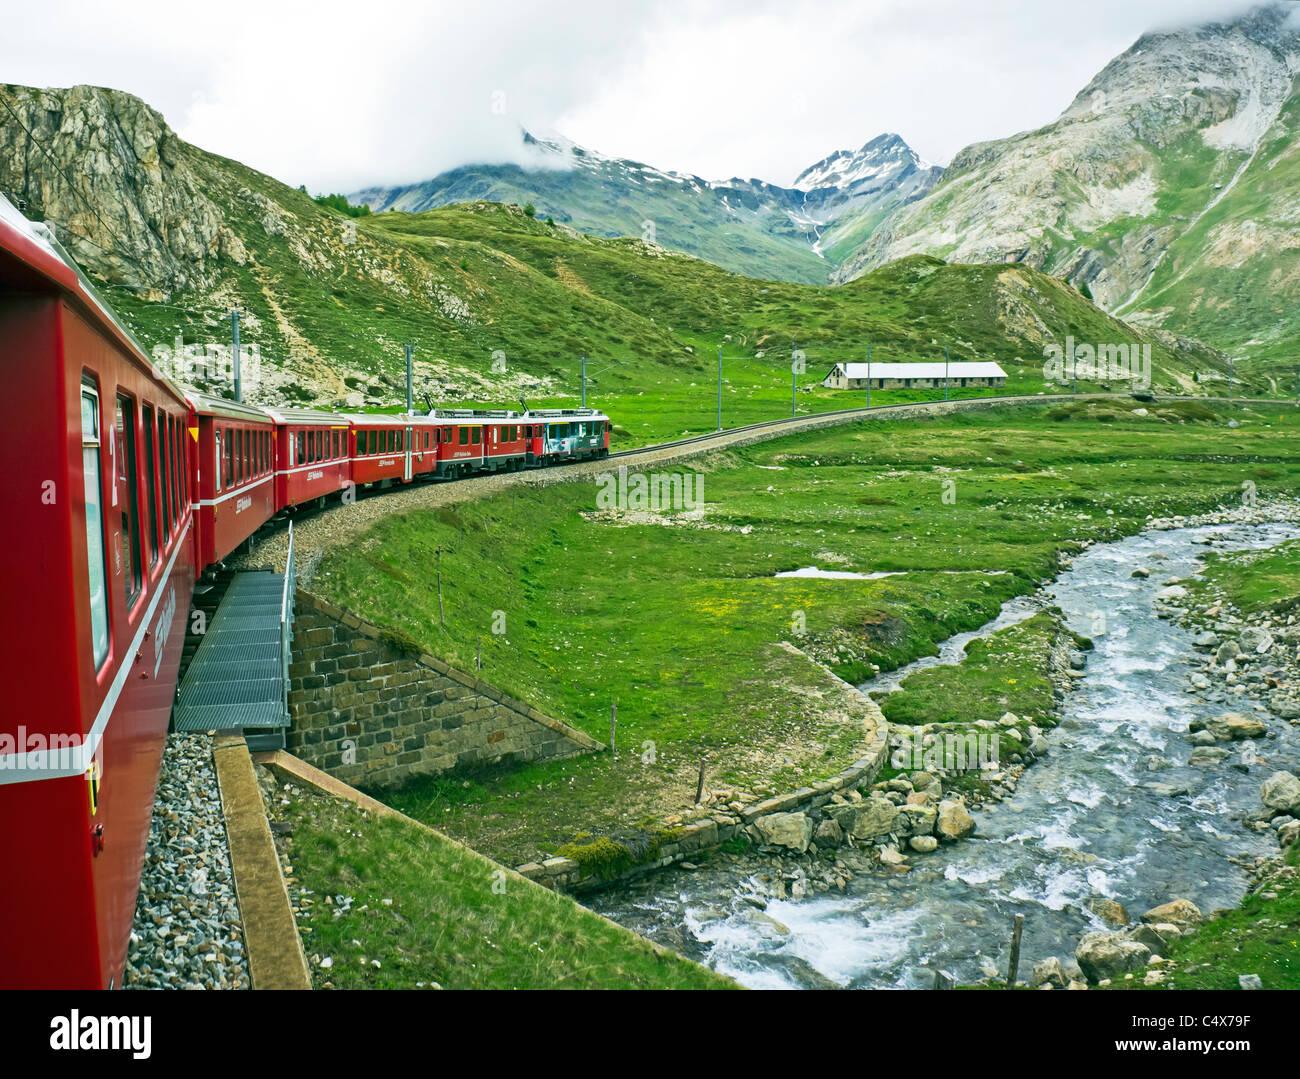 Rhatische Bahn Zug Abstieg nur nördlich des Passes auf dem Weg nach St. Moritz in der Schweiz auf die Berninabahn Stockbild